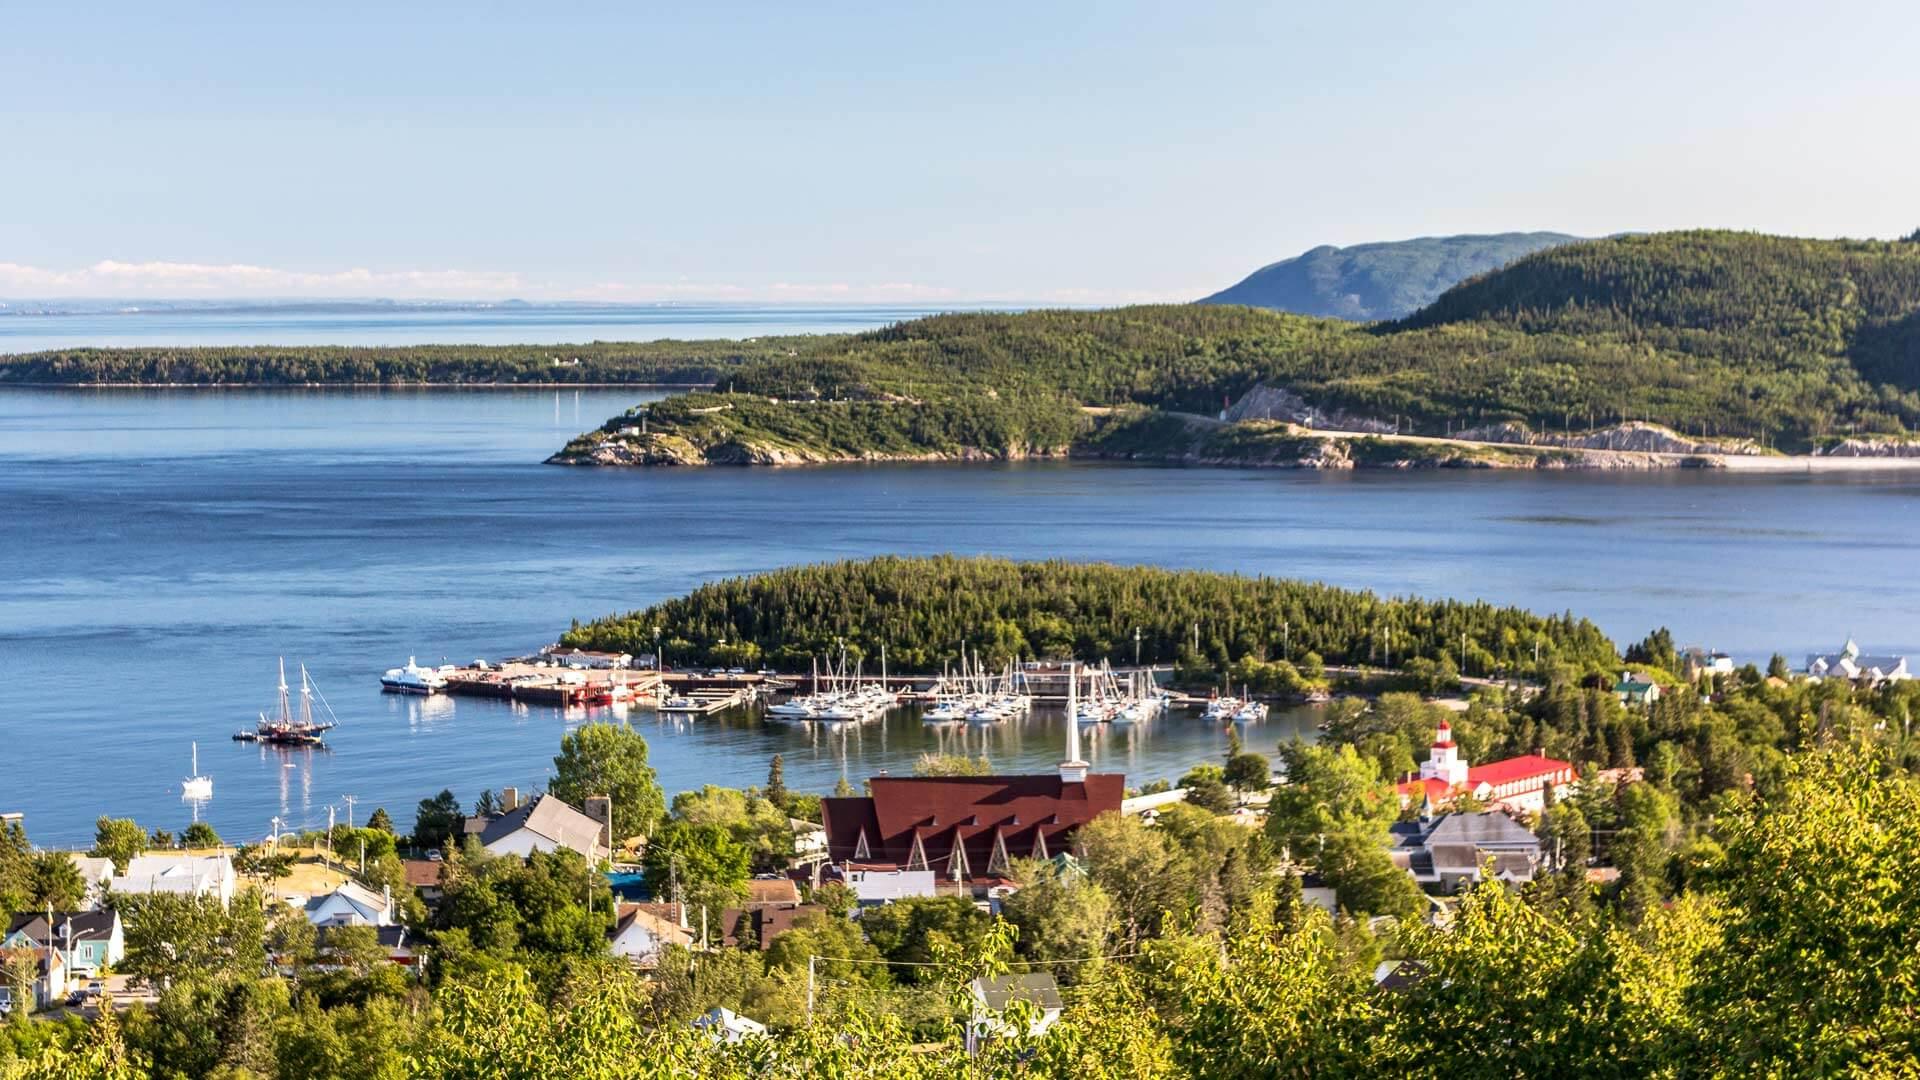 Découvrir le Québec : 10 endroits fantastiques où vous arrêter